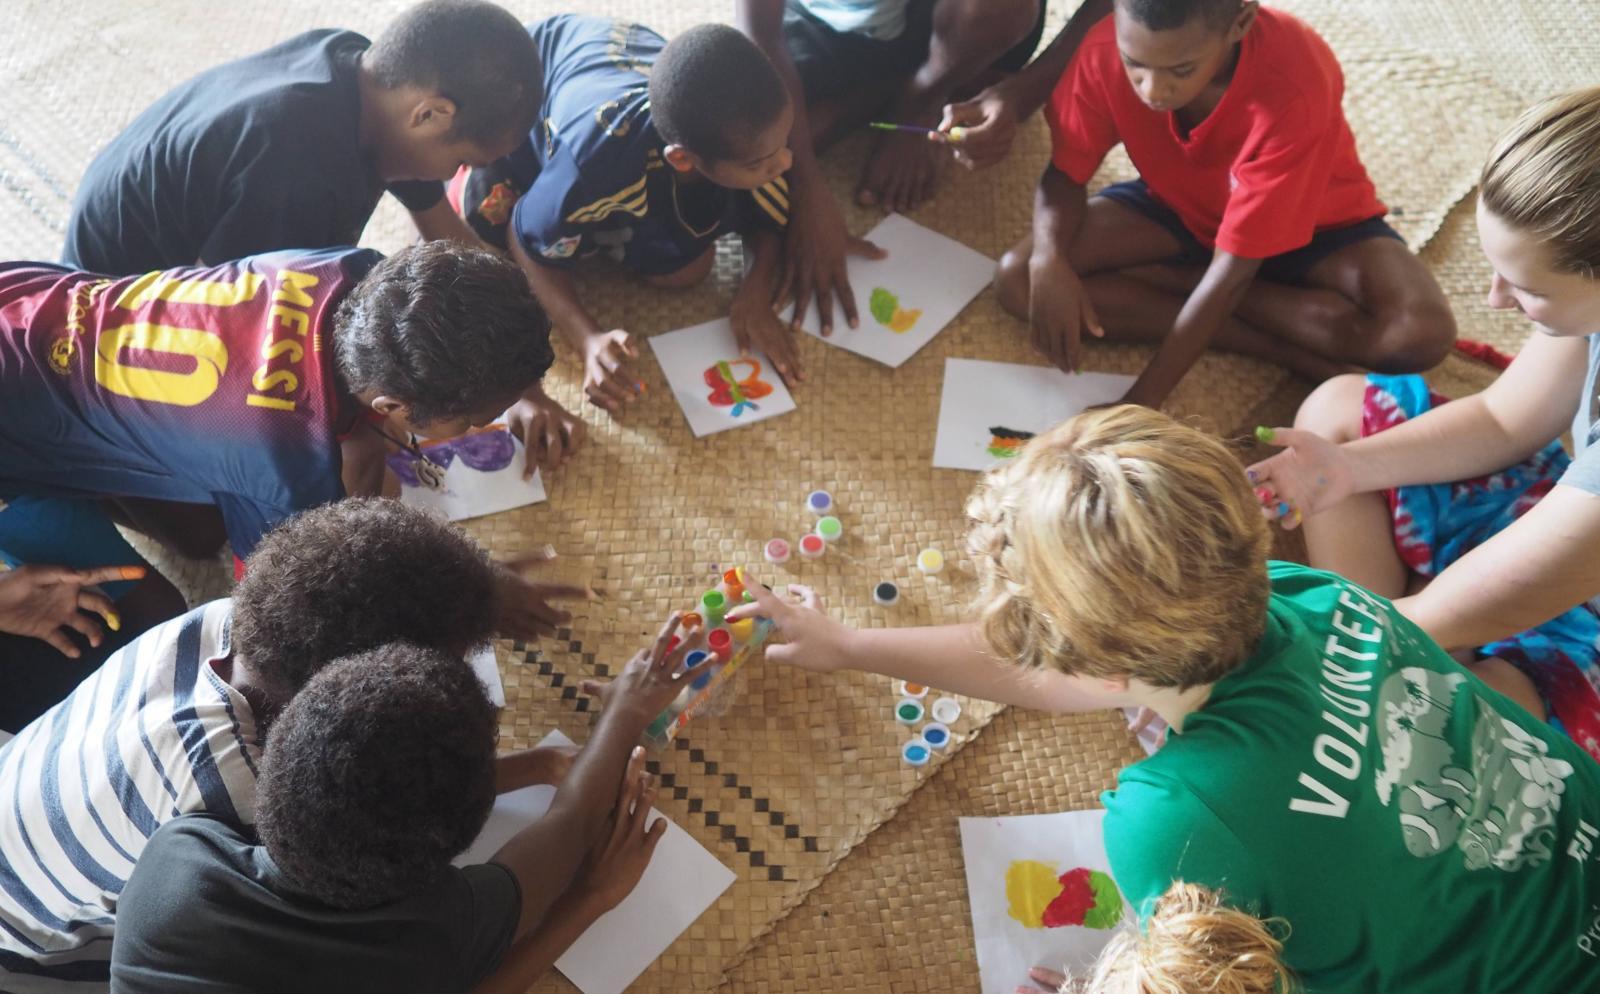 Projects Abroad vrijwilligers spelen een balspel met kinderen in een kleuterschool in plaats van te werken in een weeshuis in het buitenland.